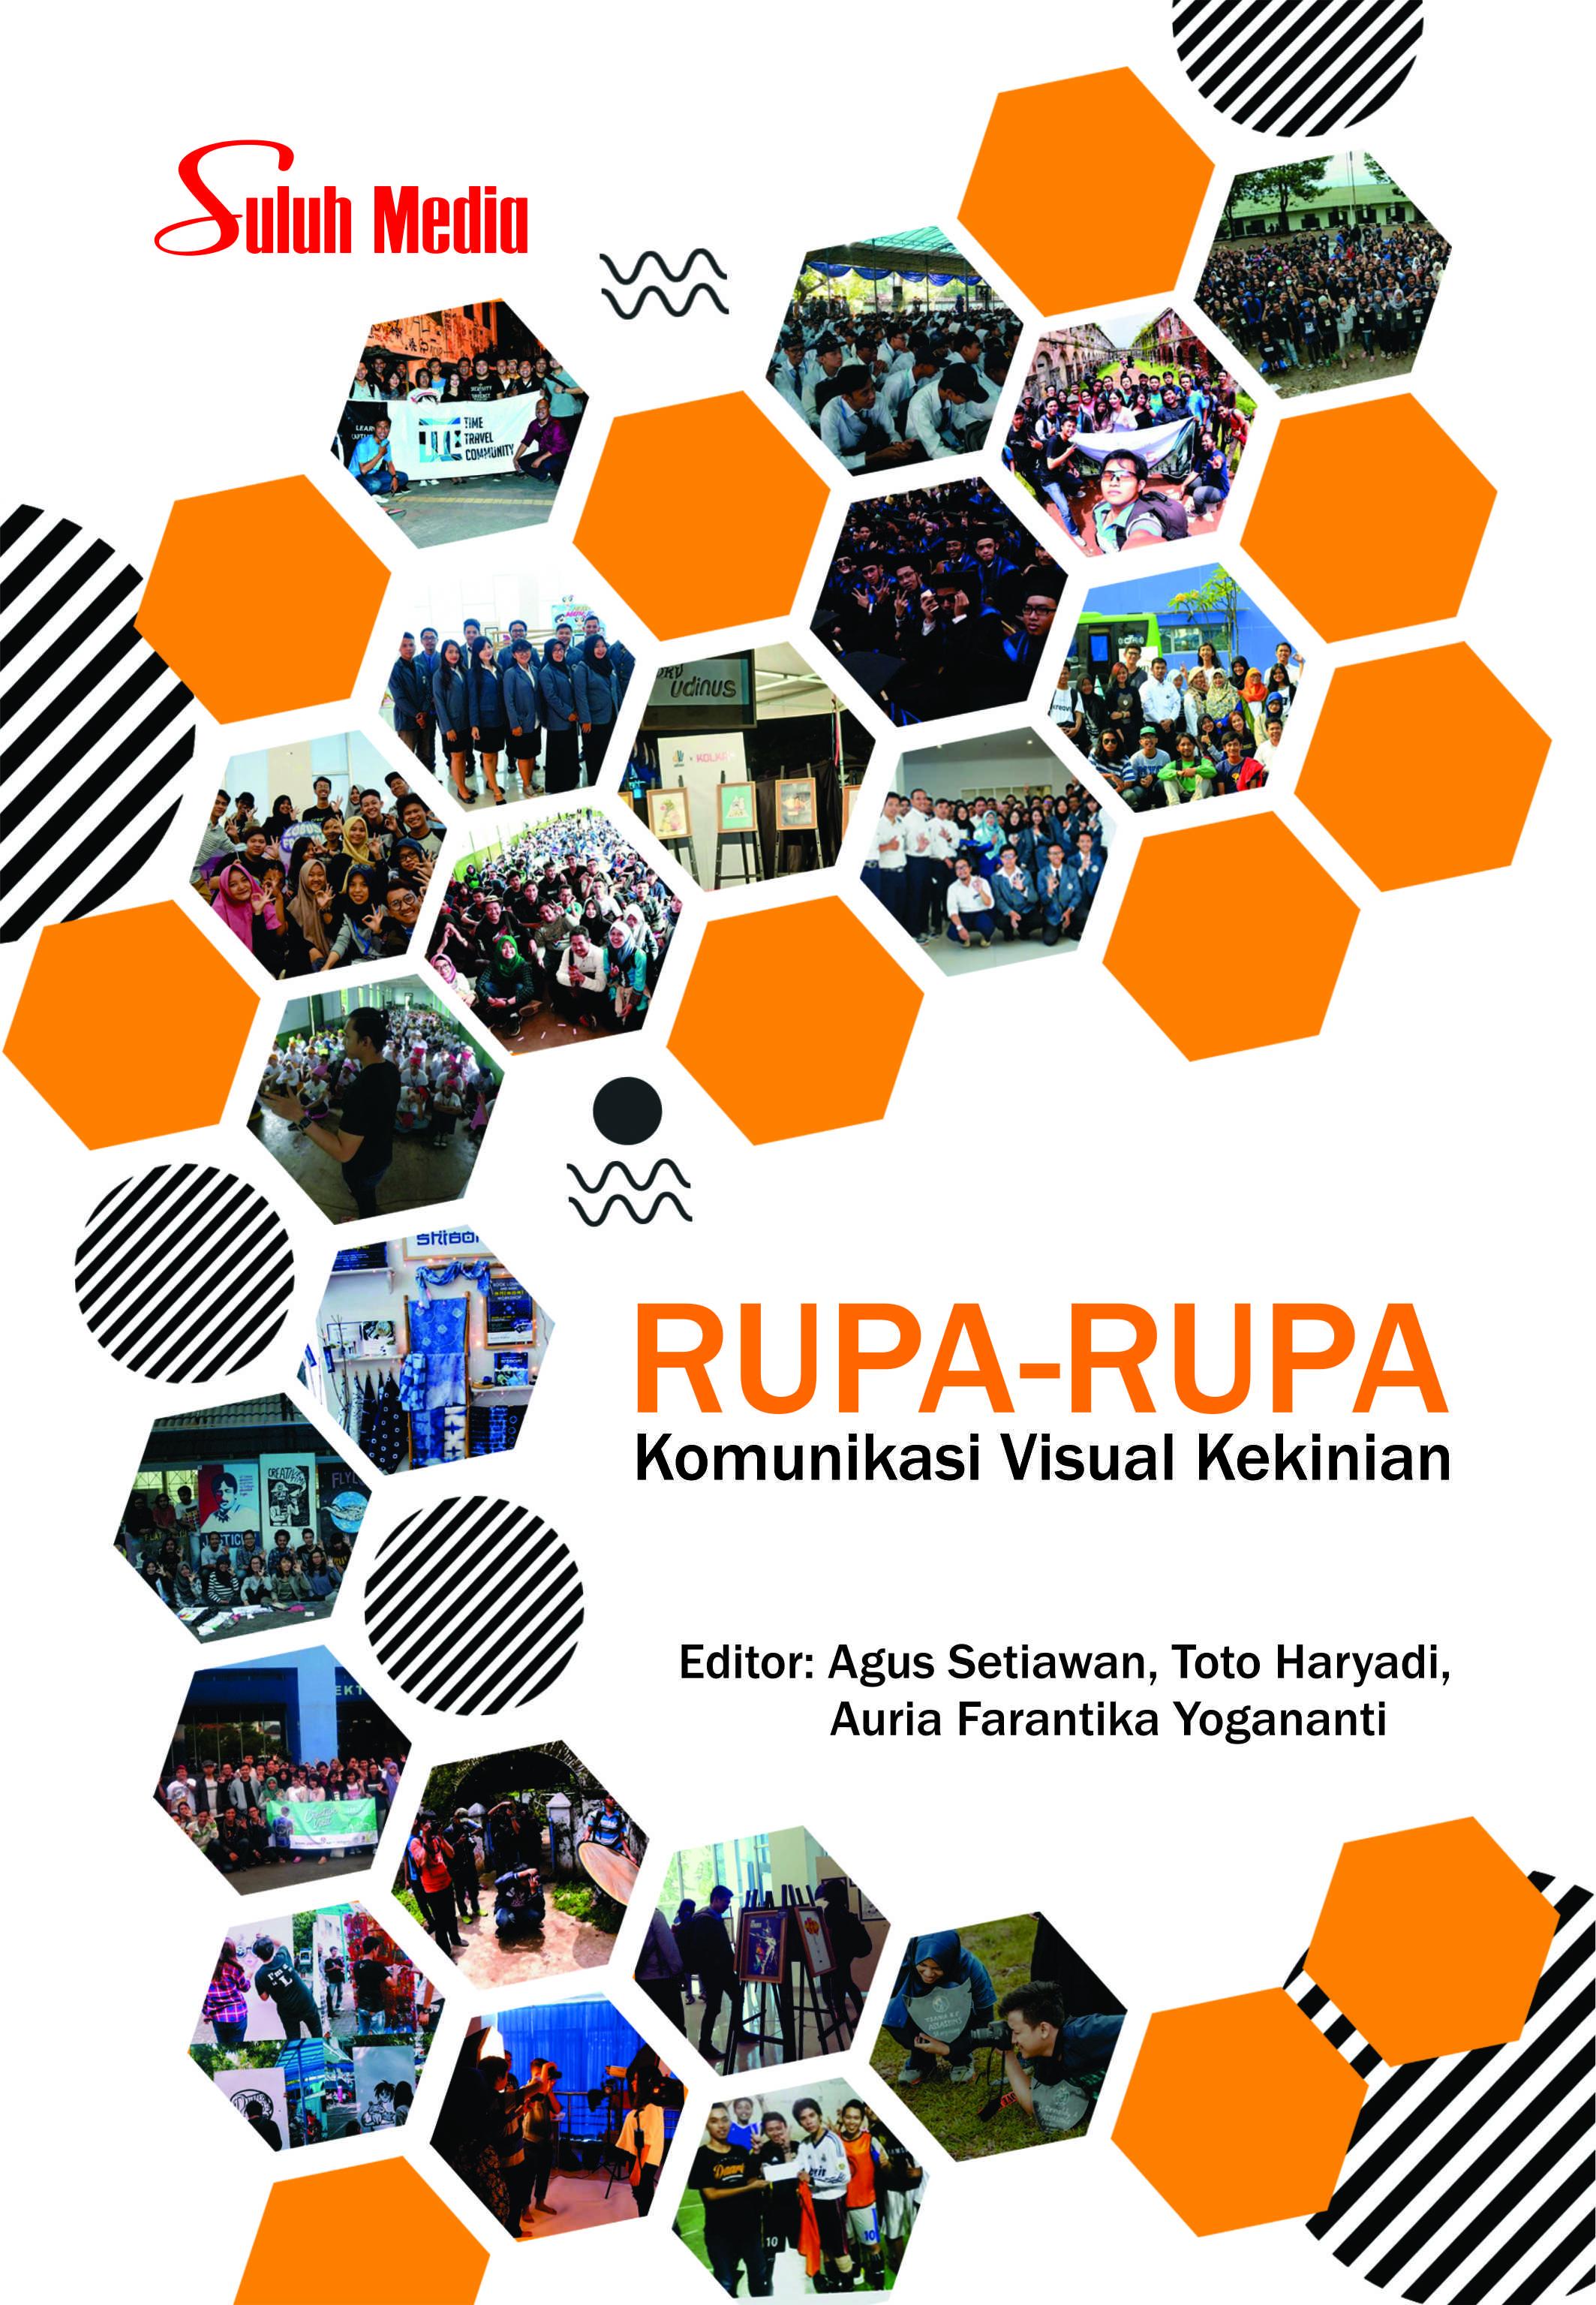 RUPA-RUPA; Komunikasi Visual Kekinian